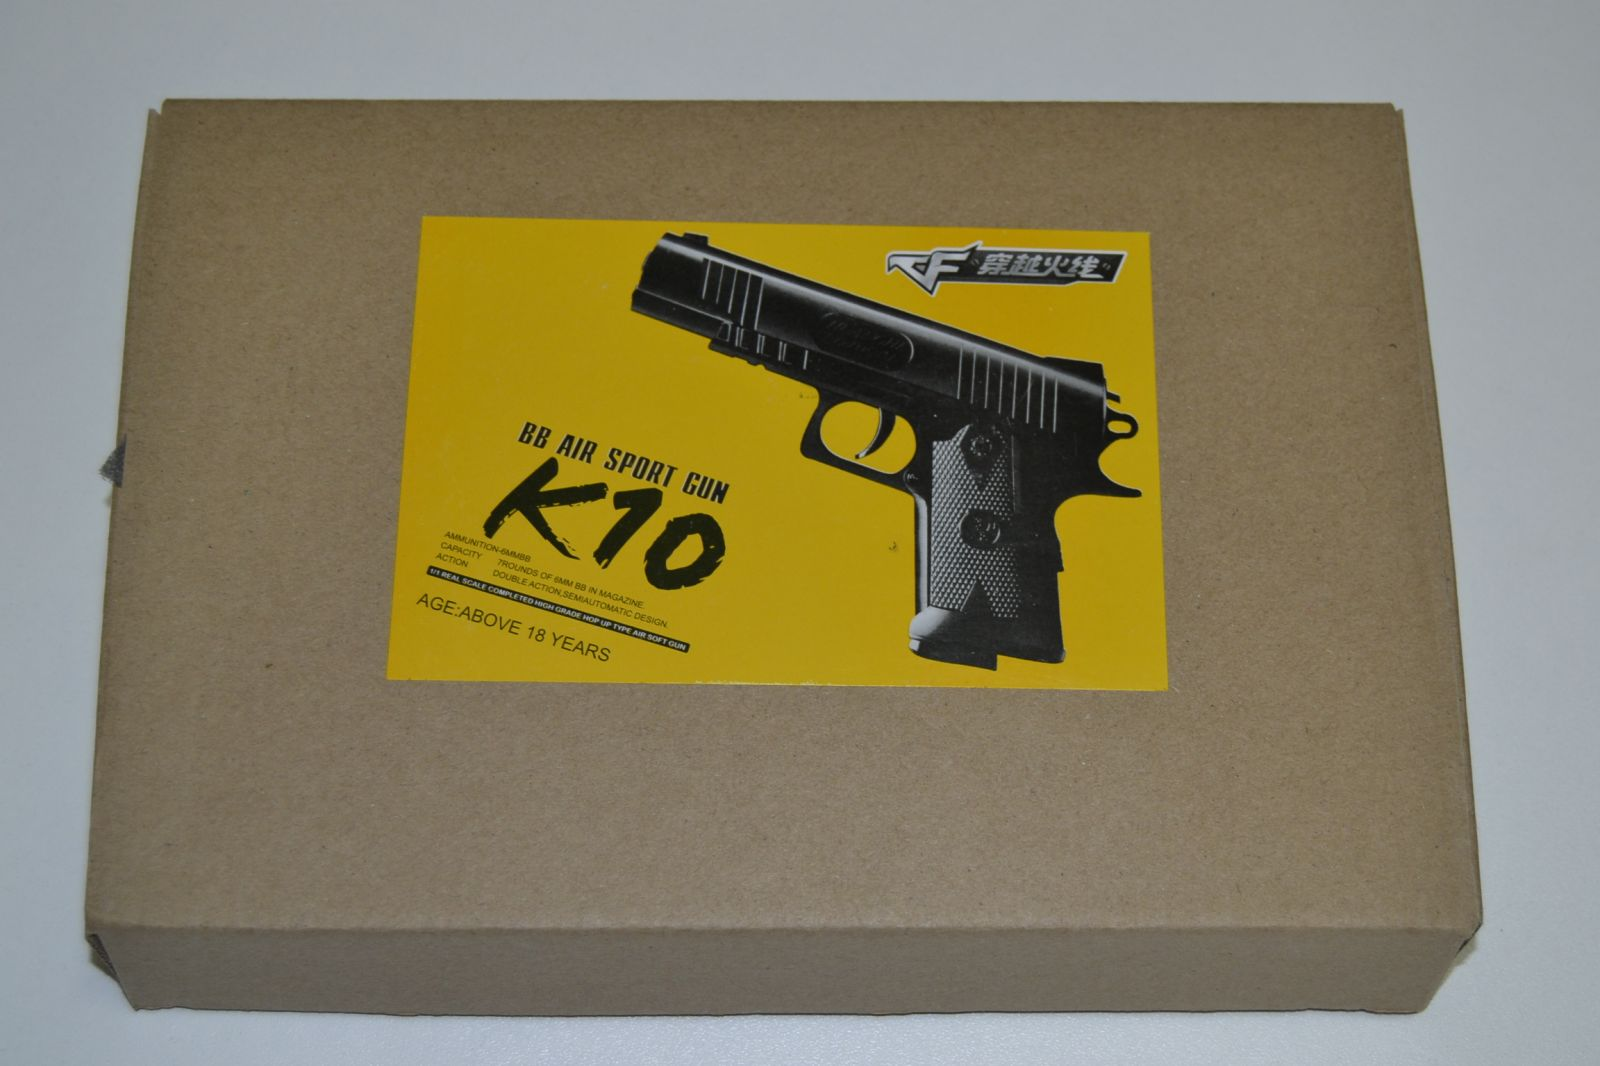 Kovová kuličkovka K 10, kuličková pistole, BB air sport gun